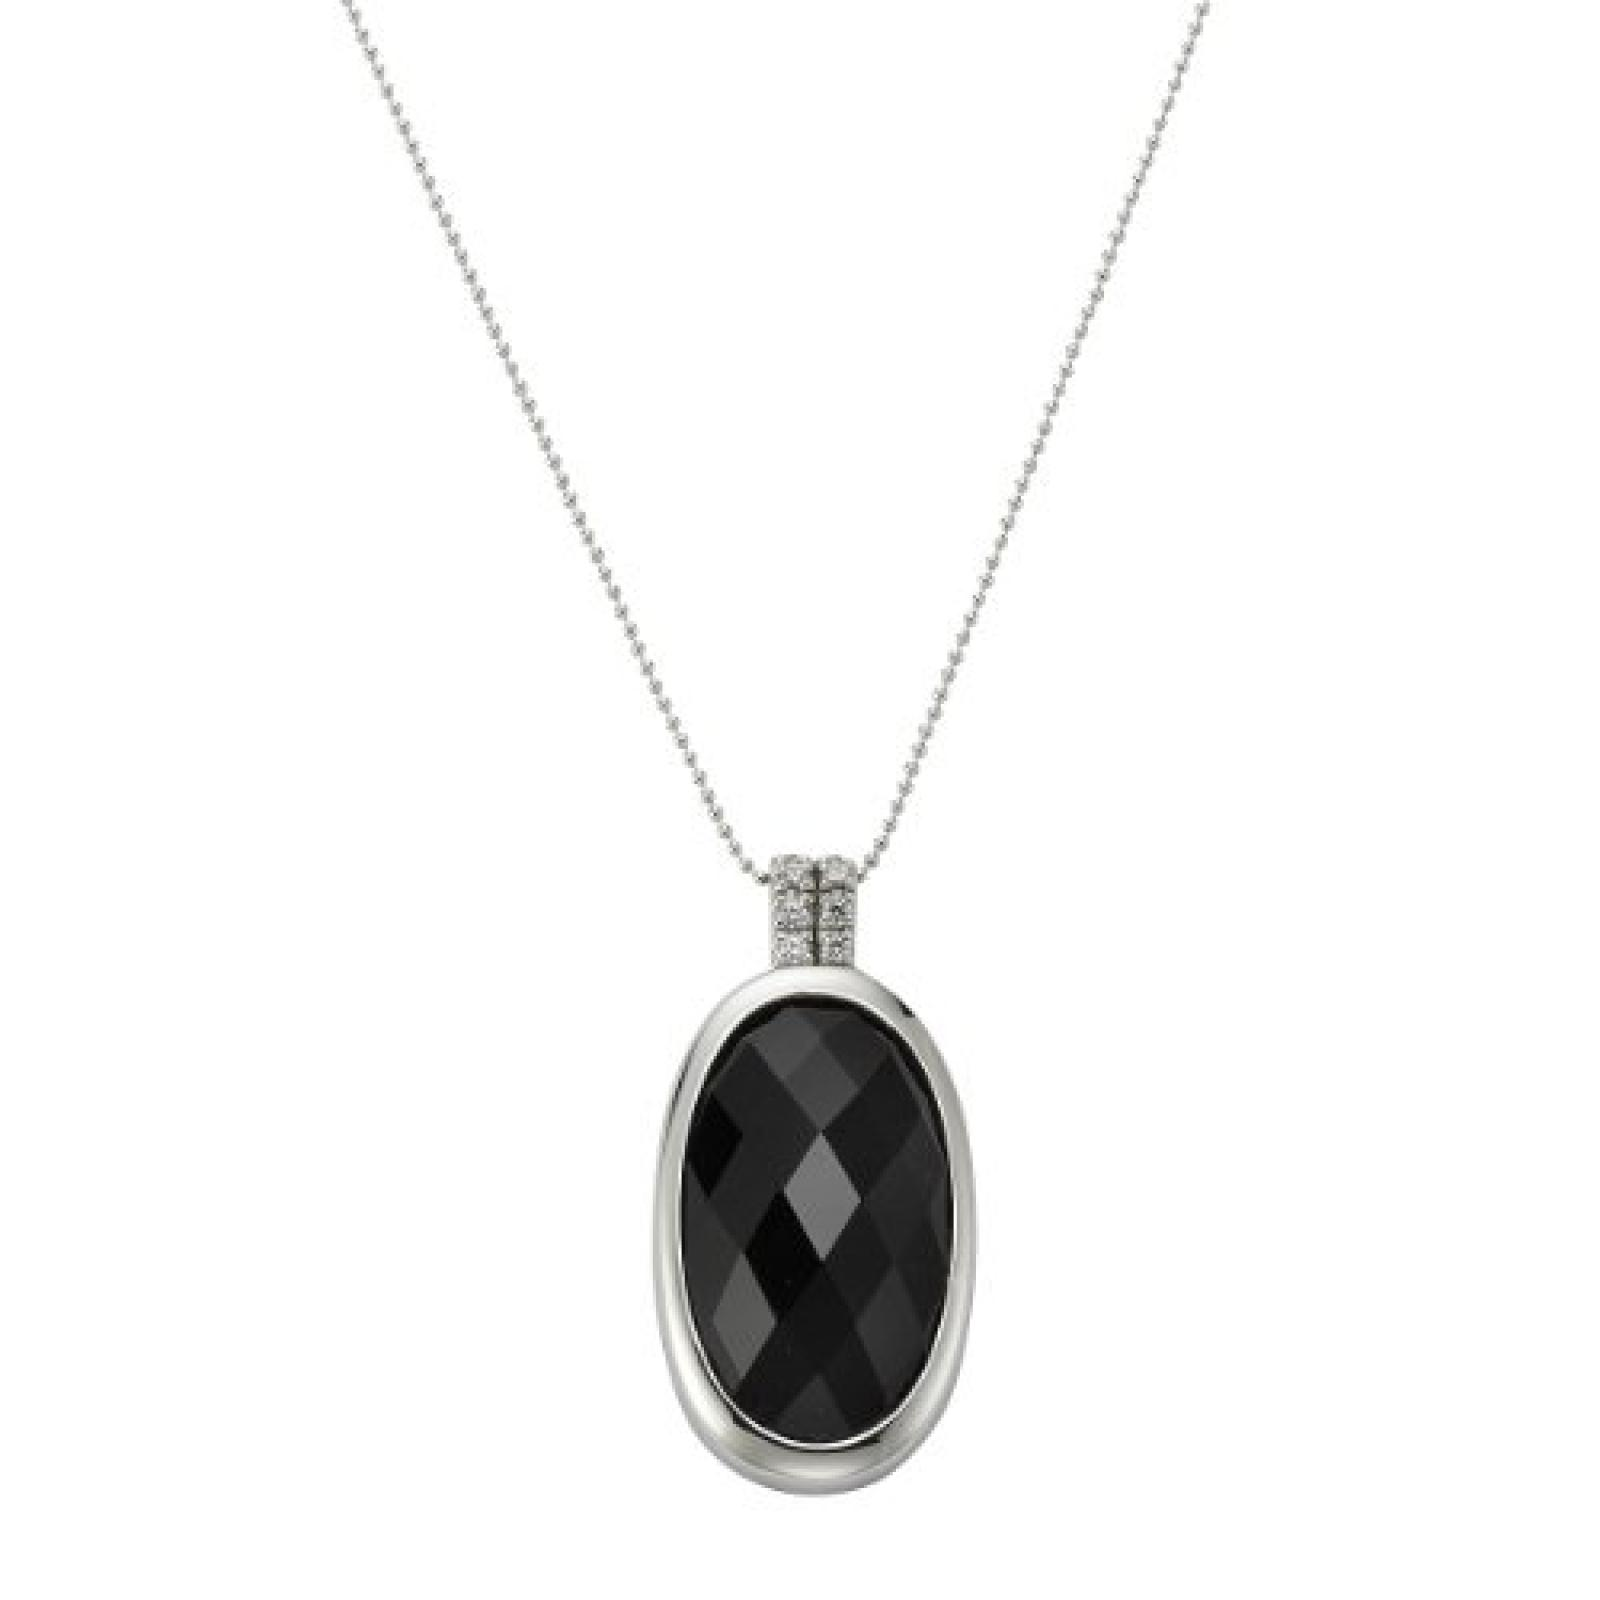 Celesta Damen-Anhänger mit Kette 45cm 925 Sterling Silber Kristall schwarz + Zirkonia weiß 500250613-1